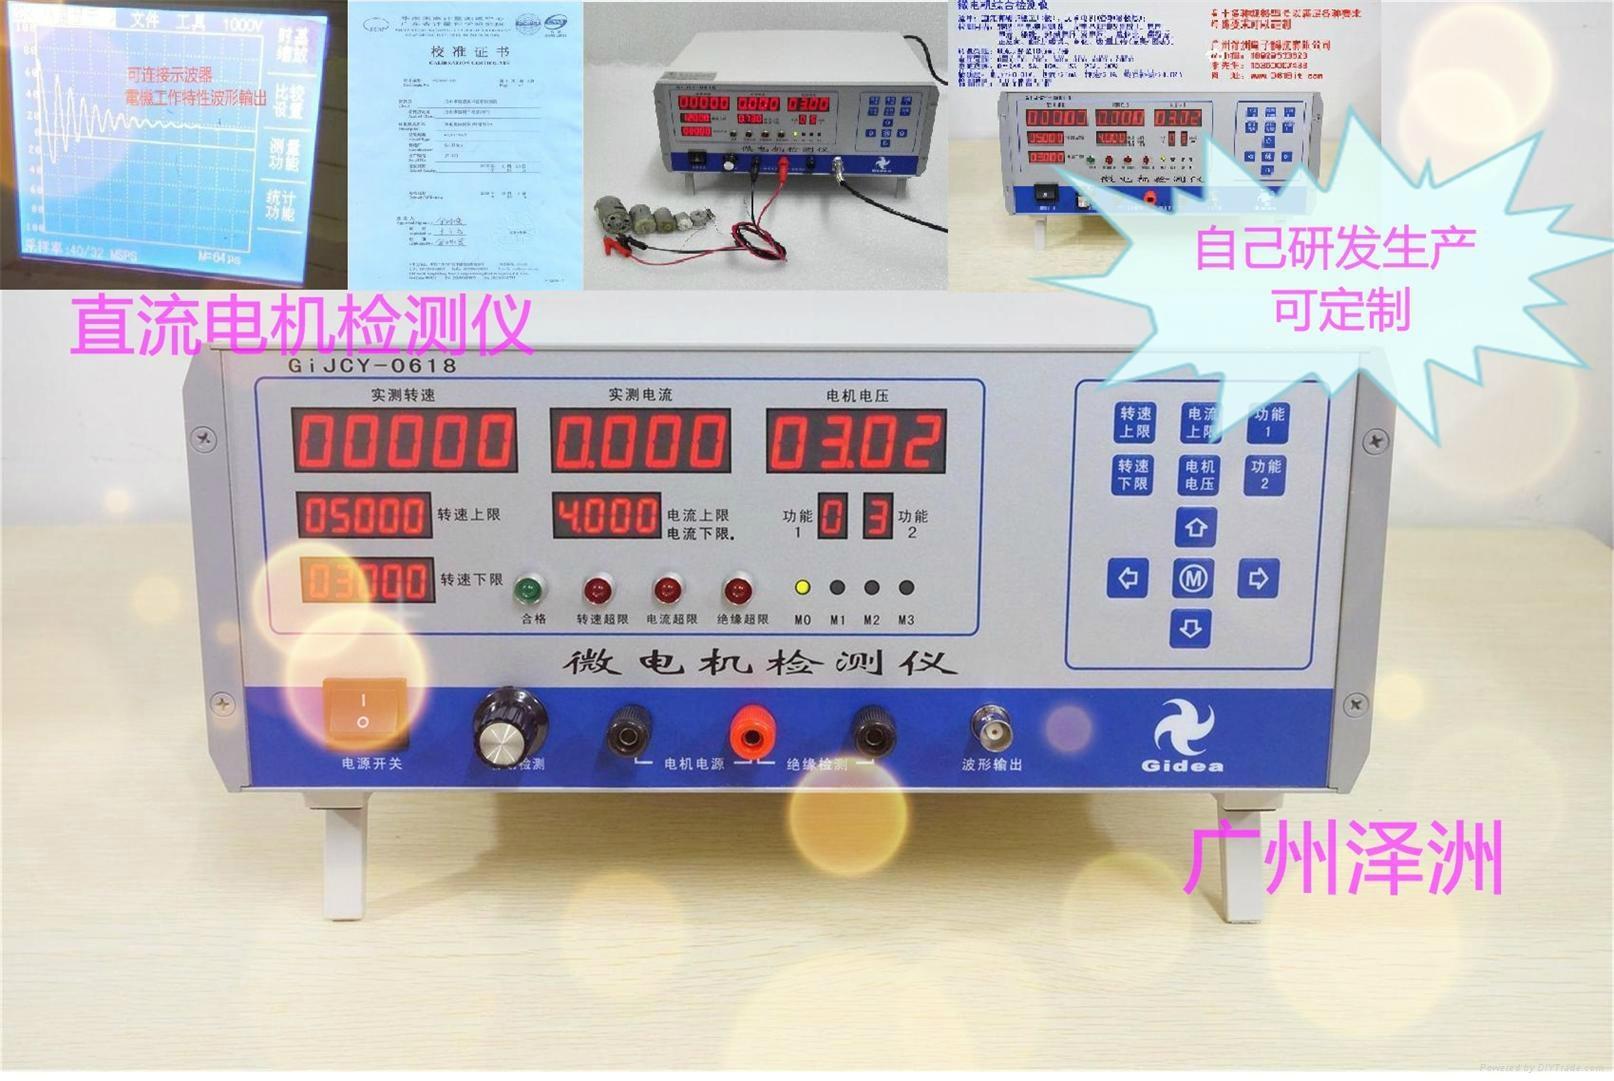 GiJCY-0618C微电机检测仪30v 1